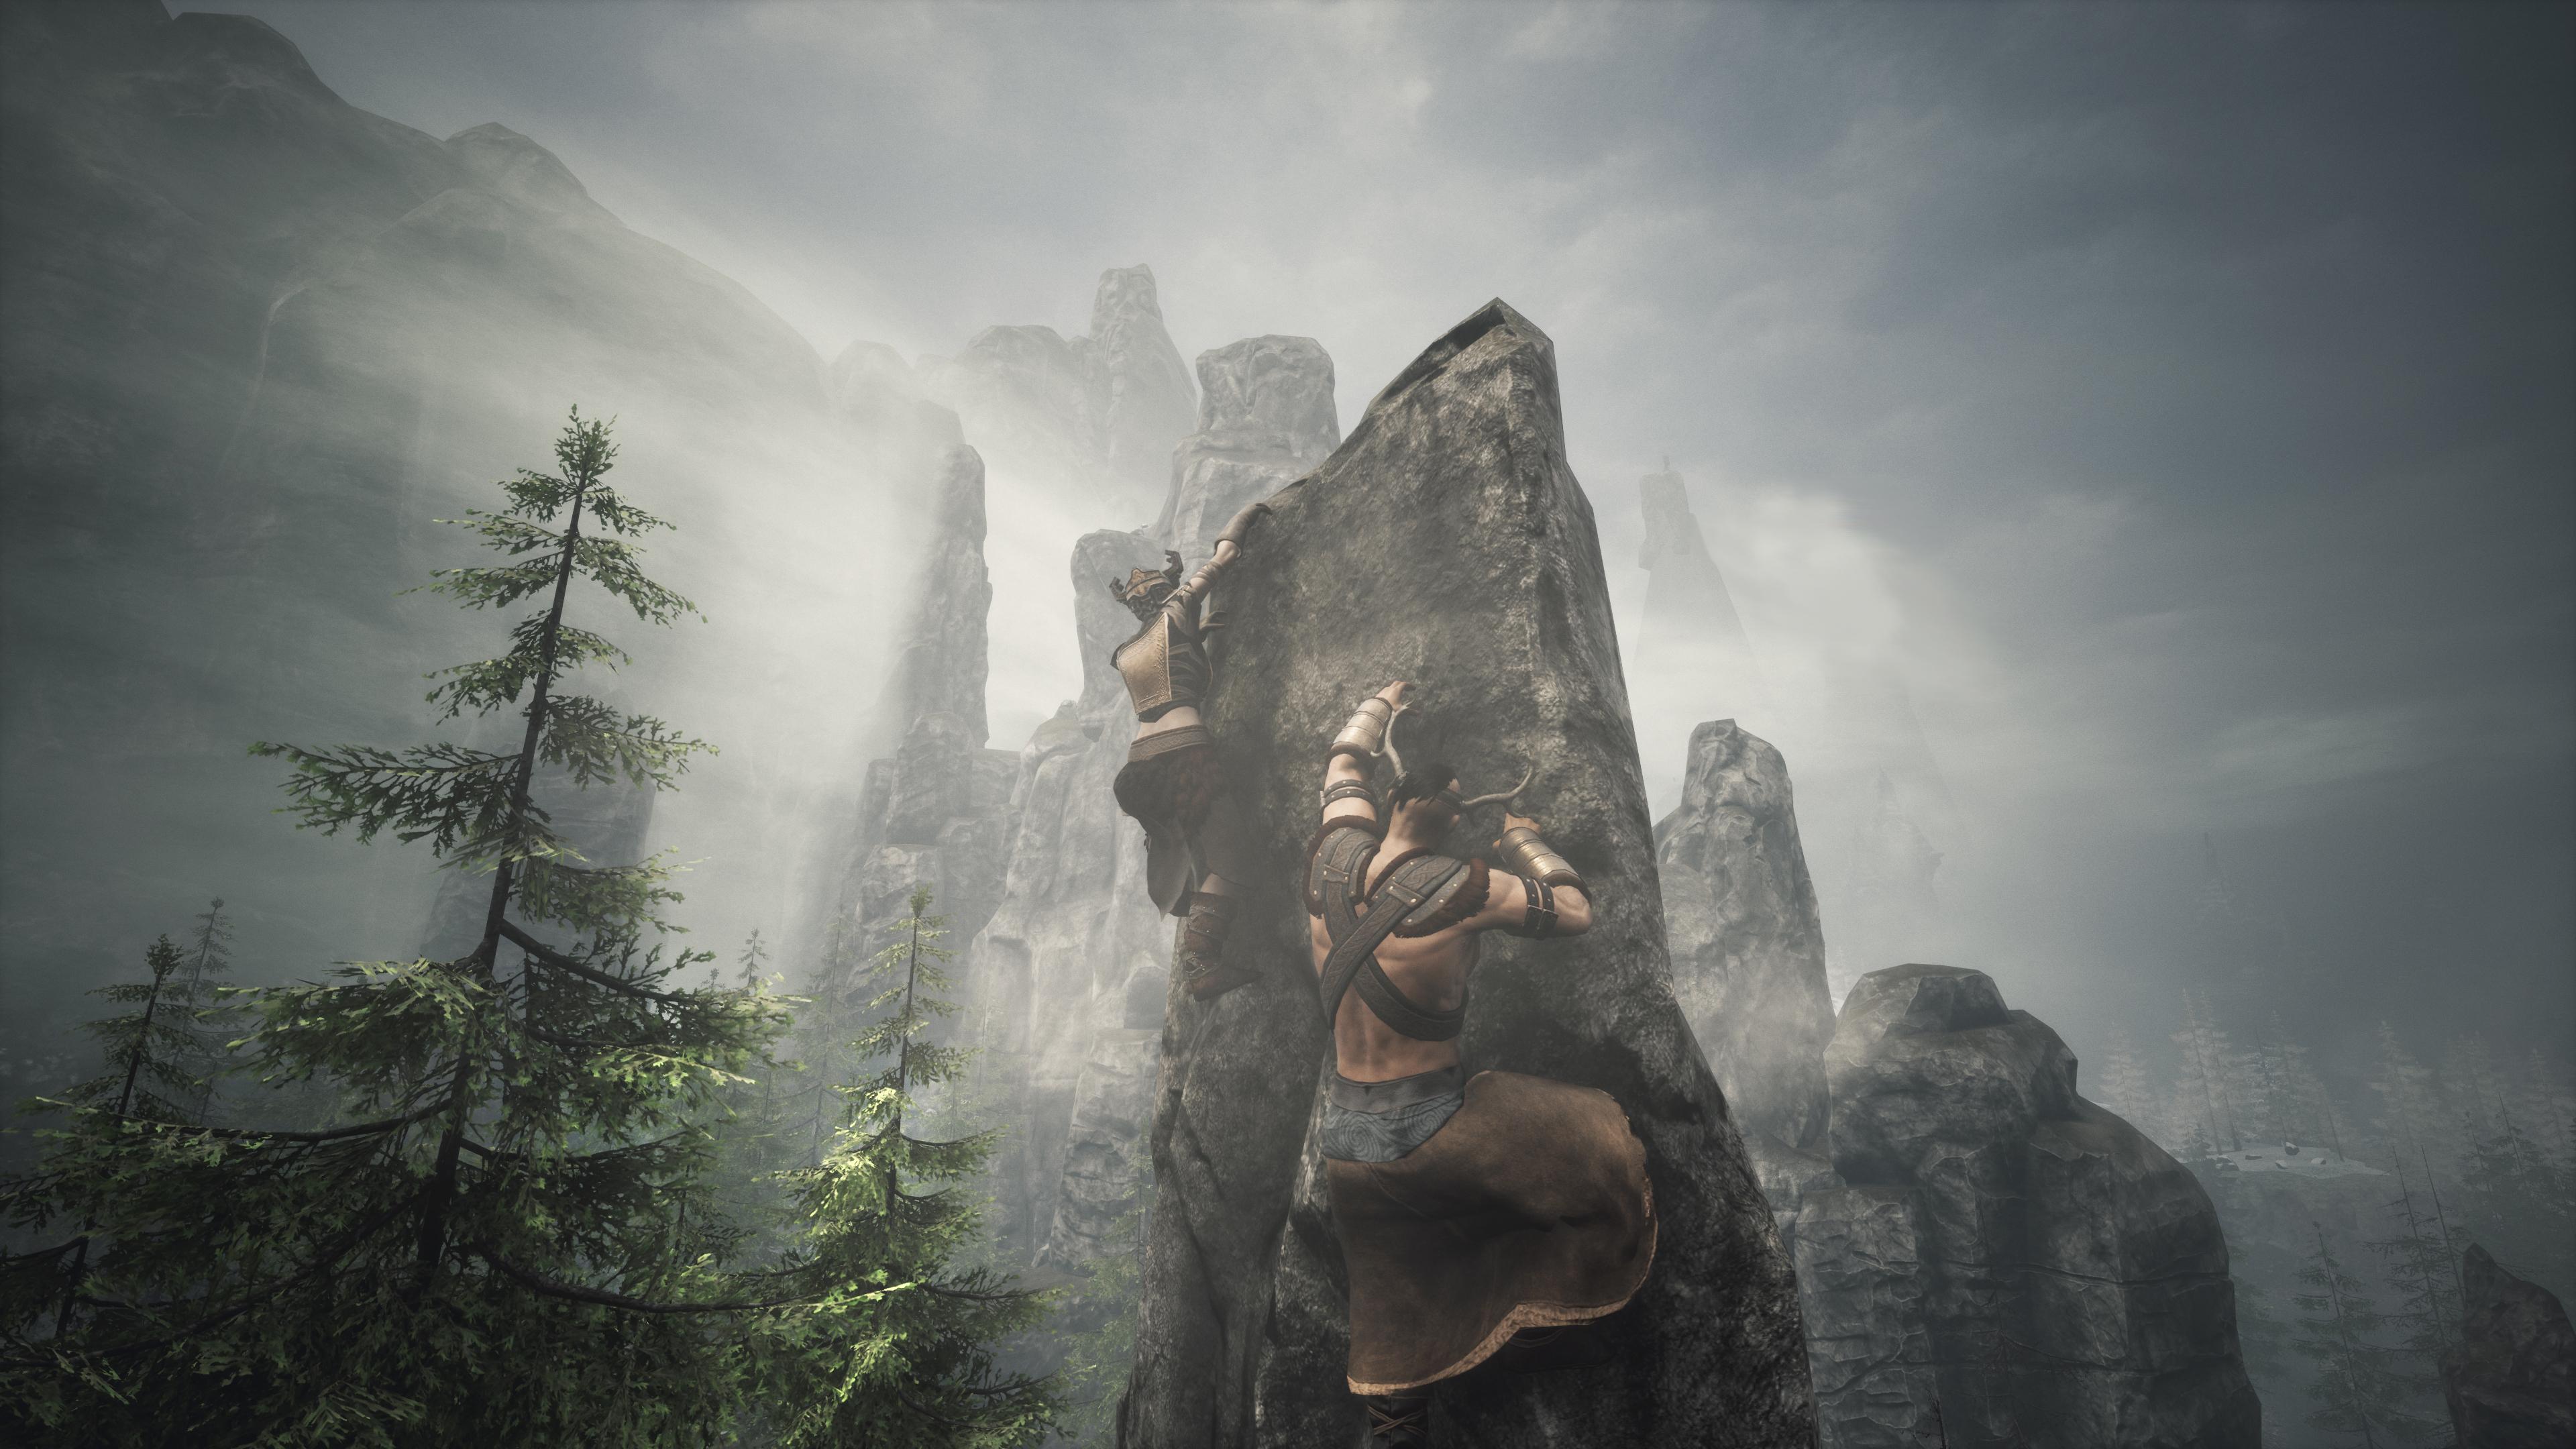 The Frozen North - Conan Exiles 4K